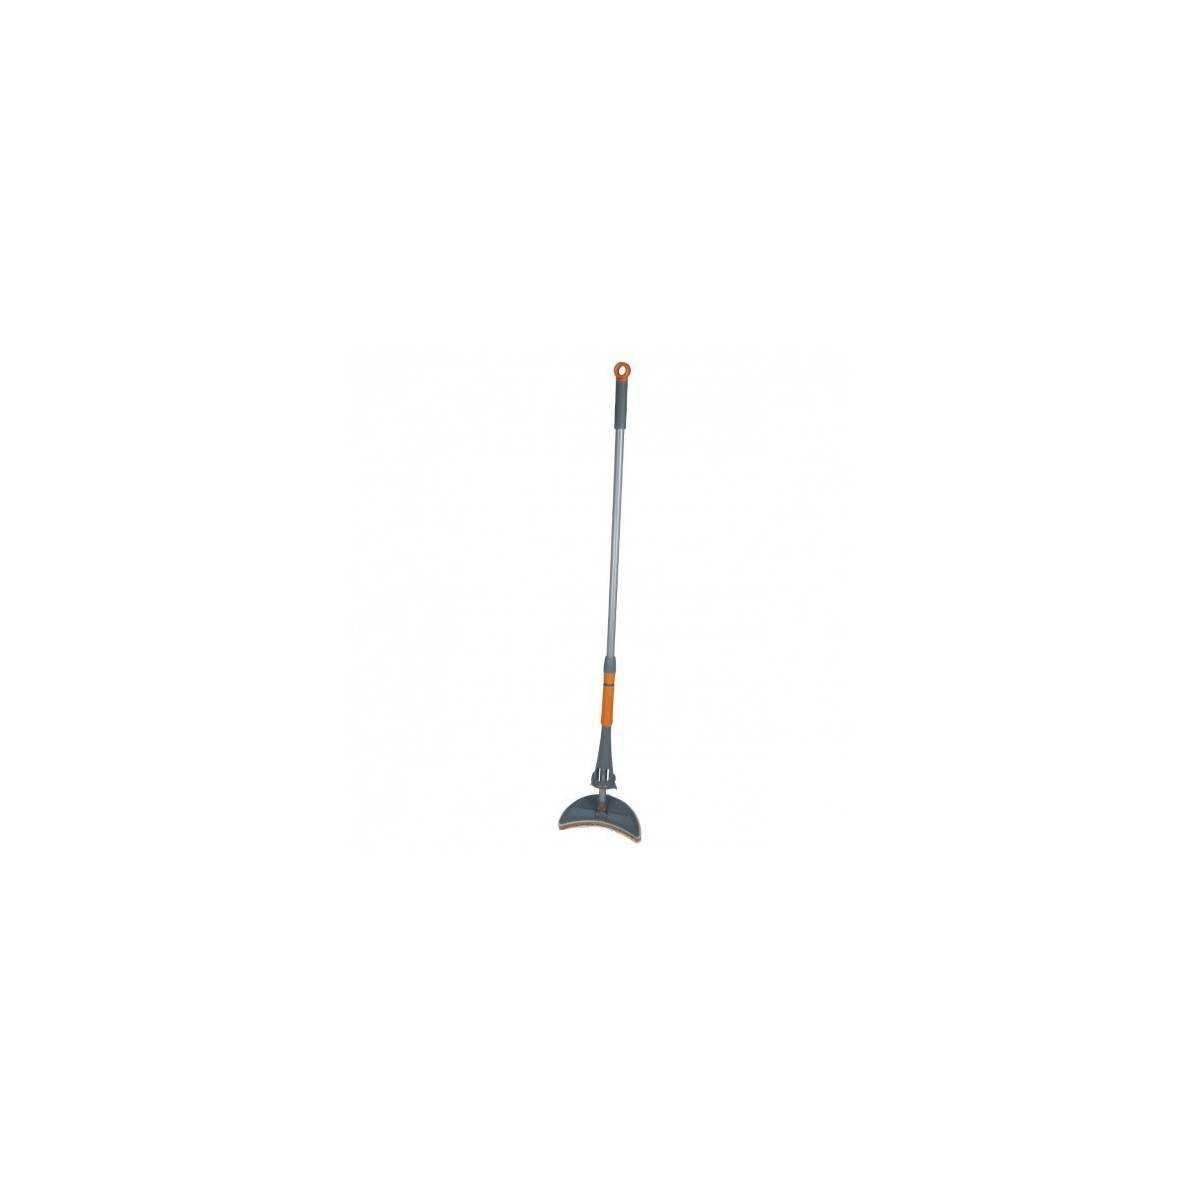 Швабра для сухой и влажной уборки Luna 19000 APEX - Fratelli Re SpA